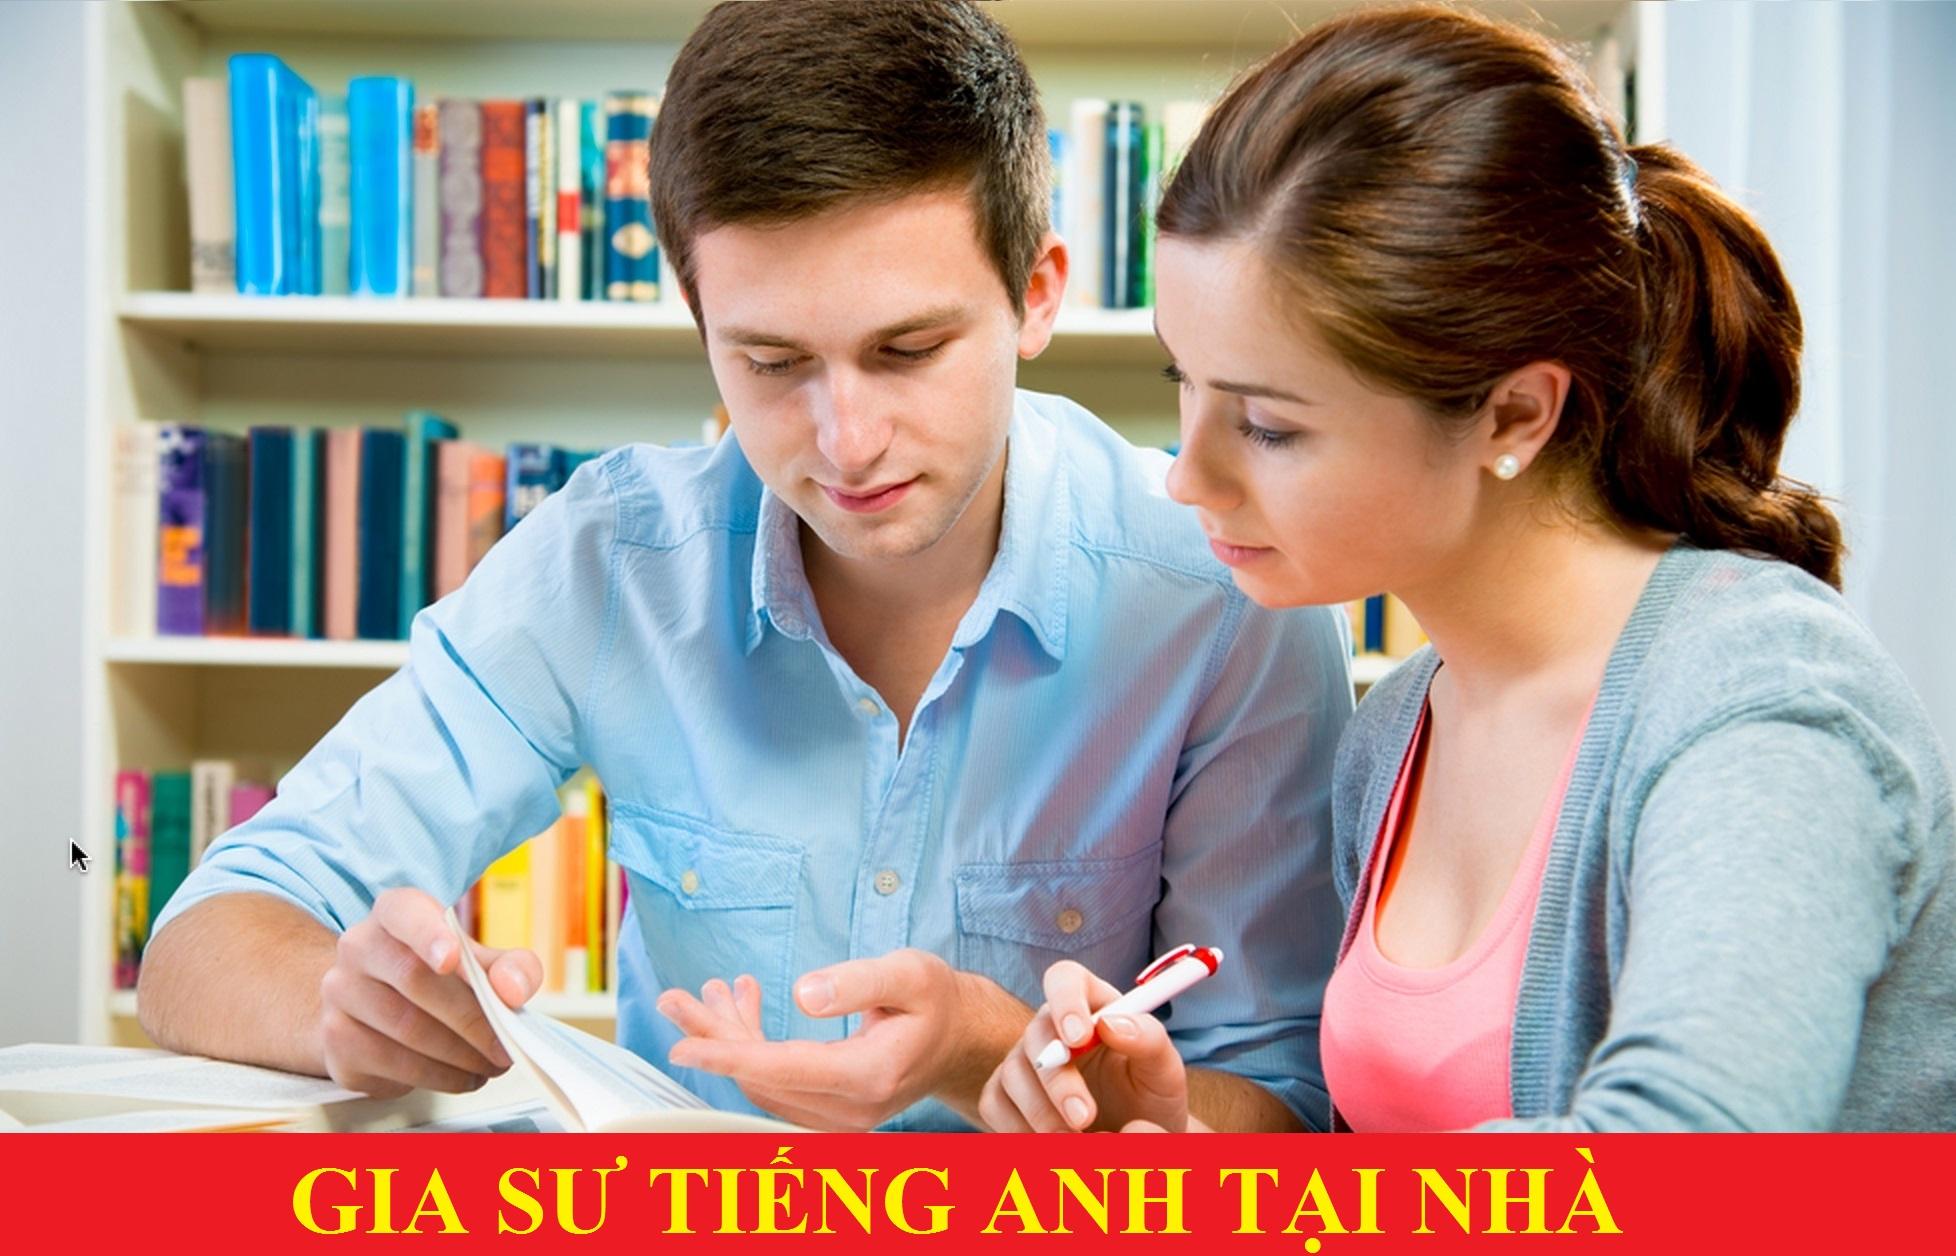 Những Lợi Ích Khi Học Kèm Với Gia Sư Quận Đống Đa Tại Đăng Minh